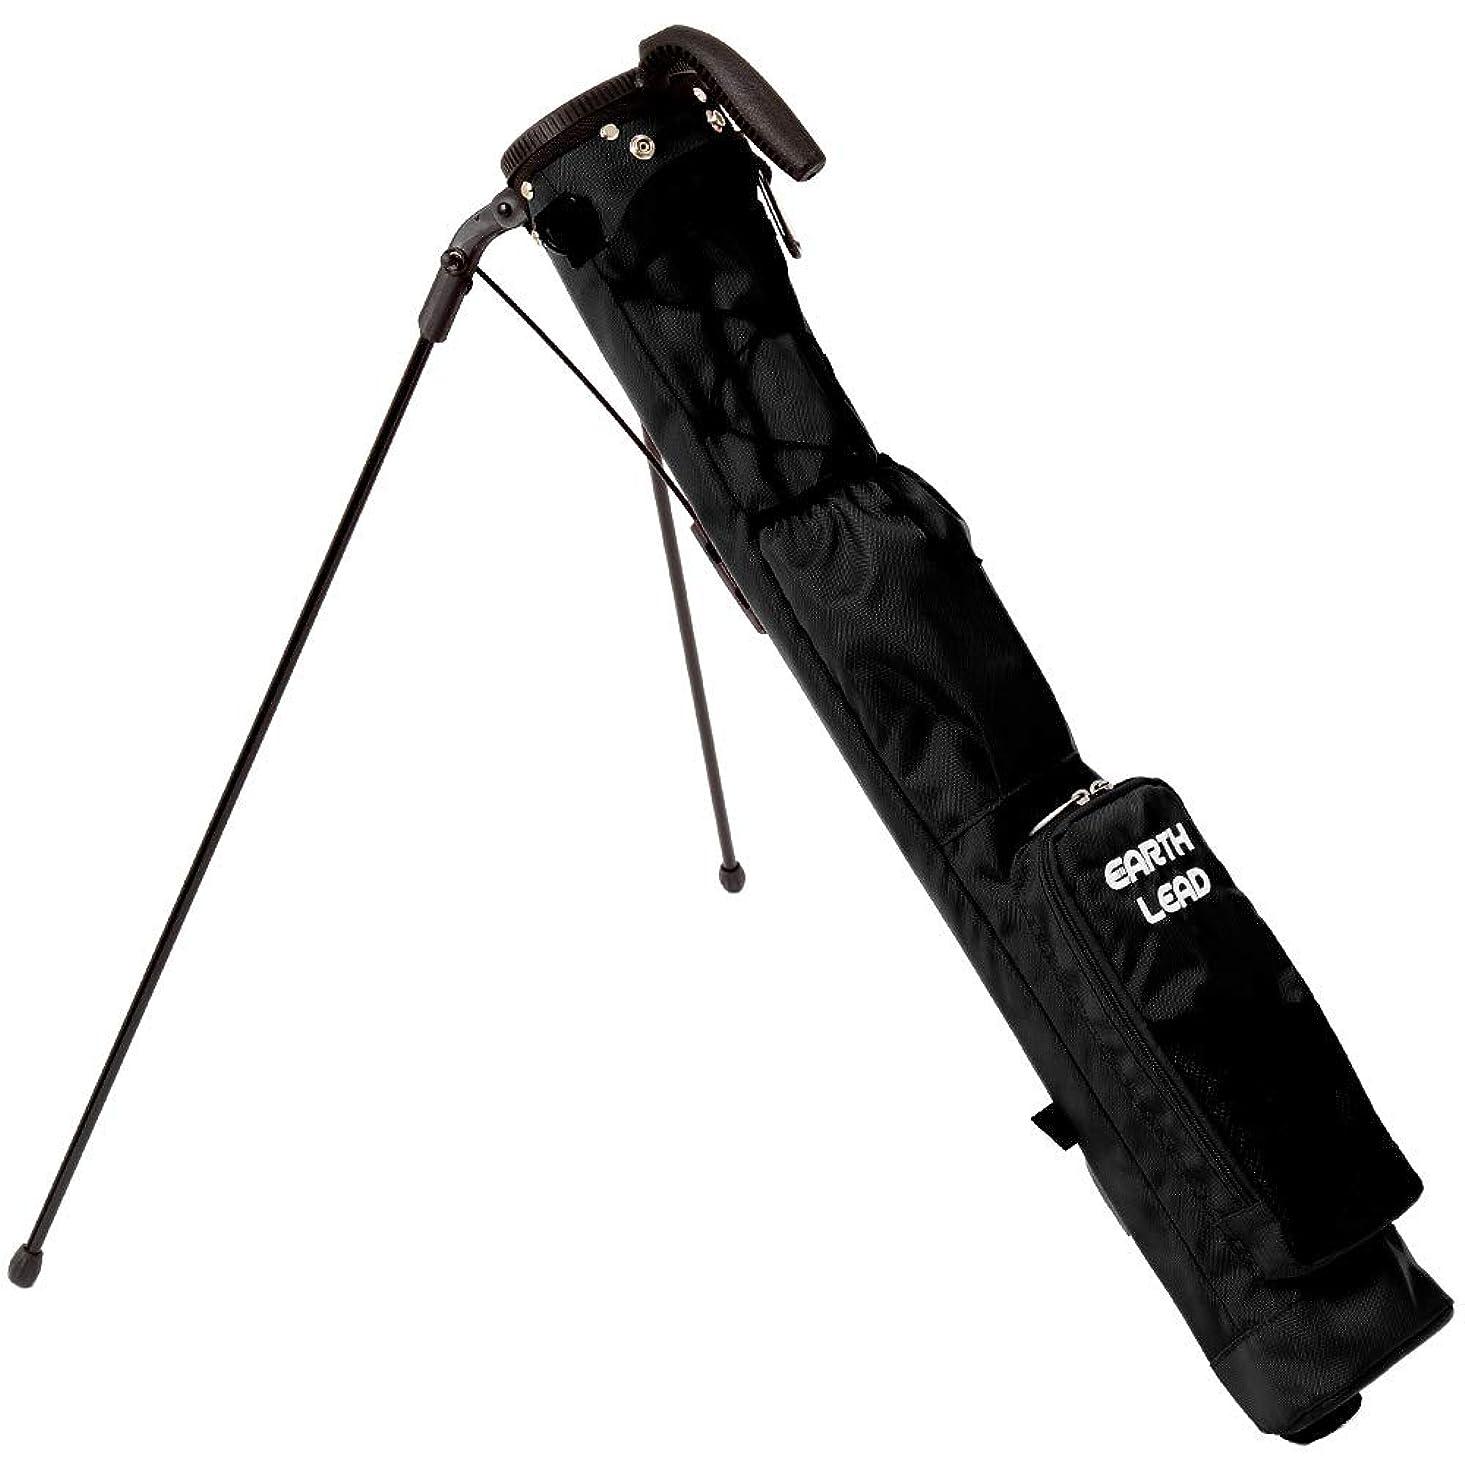 やがて激しい北西【EARTH LEAD】ゴルフ クラブケース セルフスタンド クラブ ケース フード&大型ポケット付き 超軽量 低重心 安定感抜群